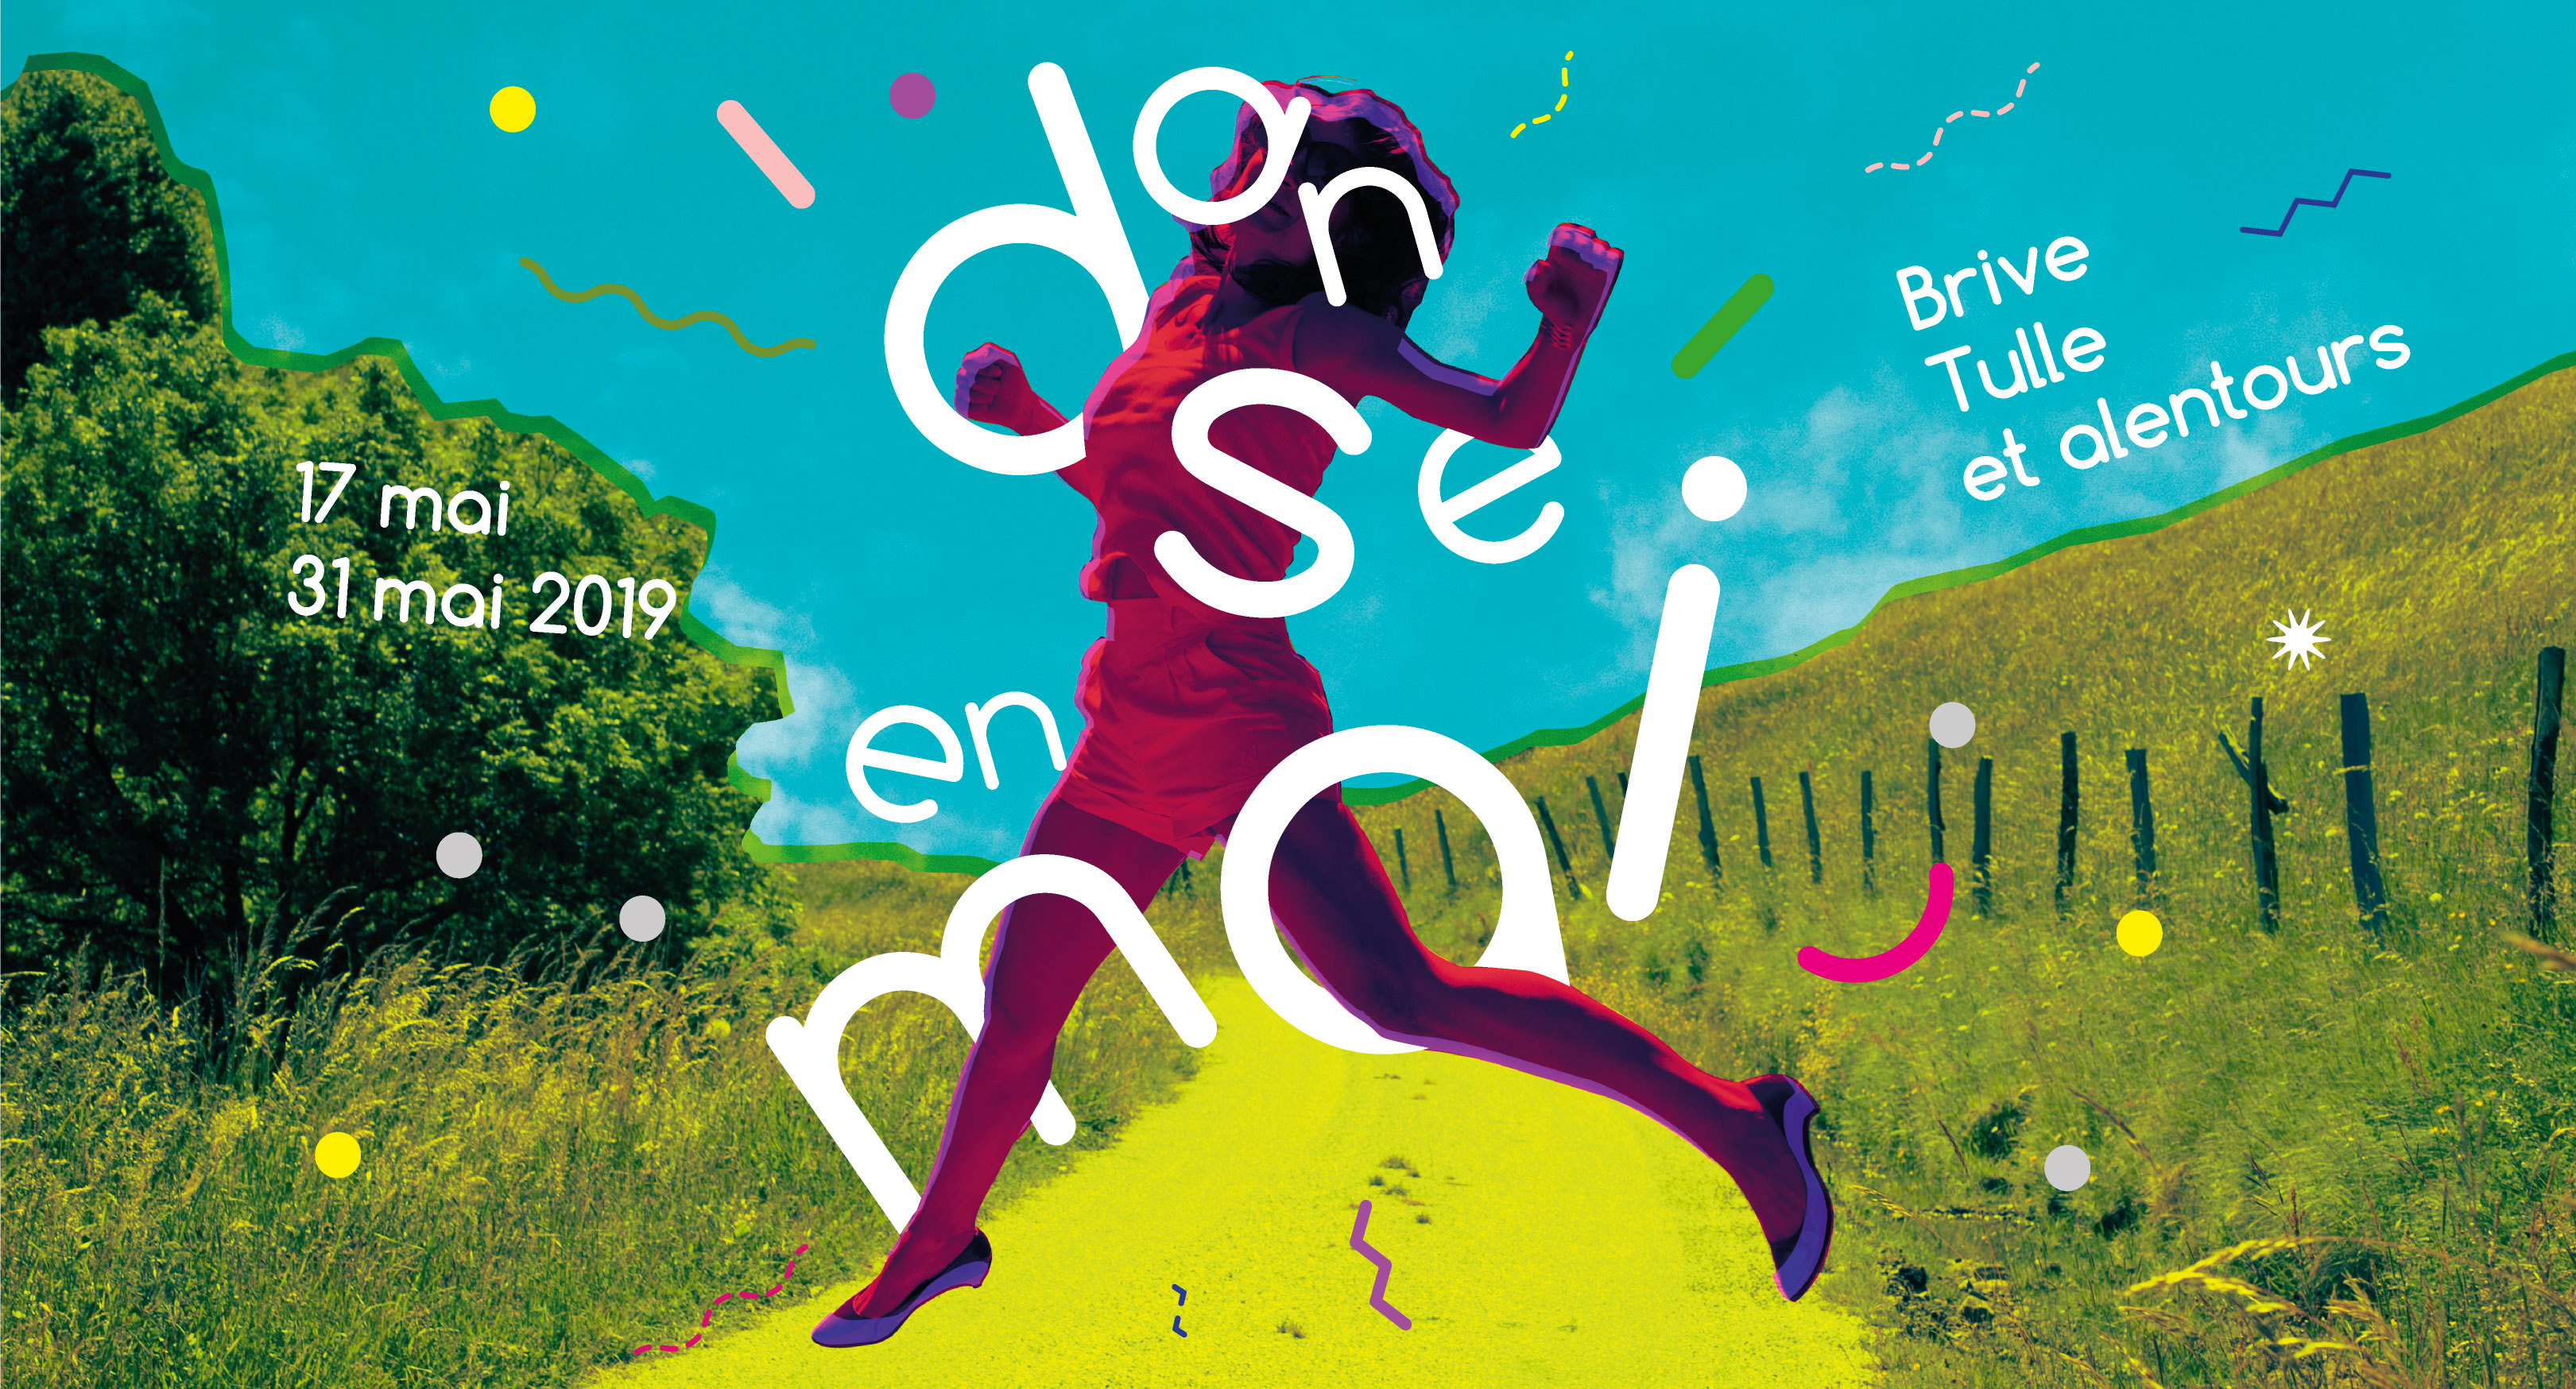 183903-visuel-danse-en-mai-19-web-1